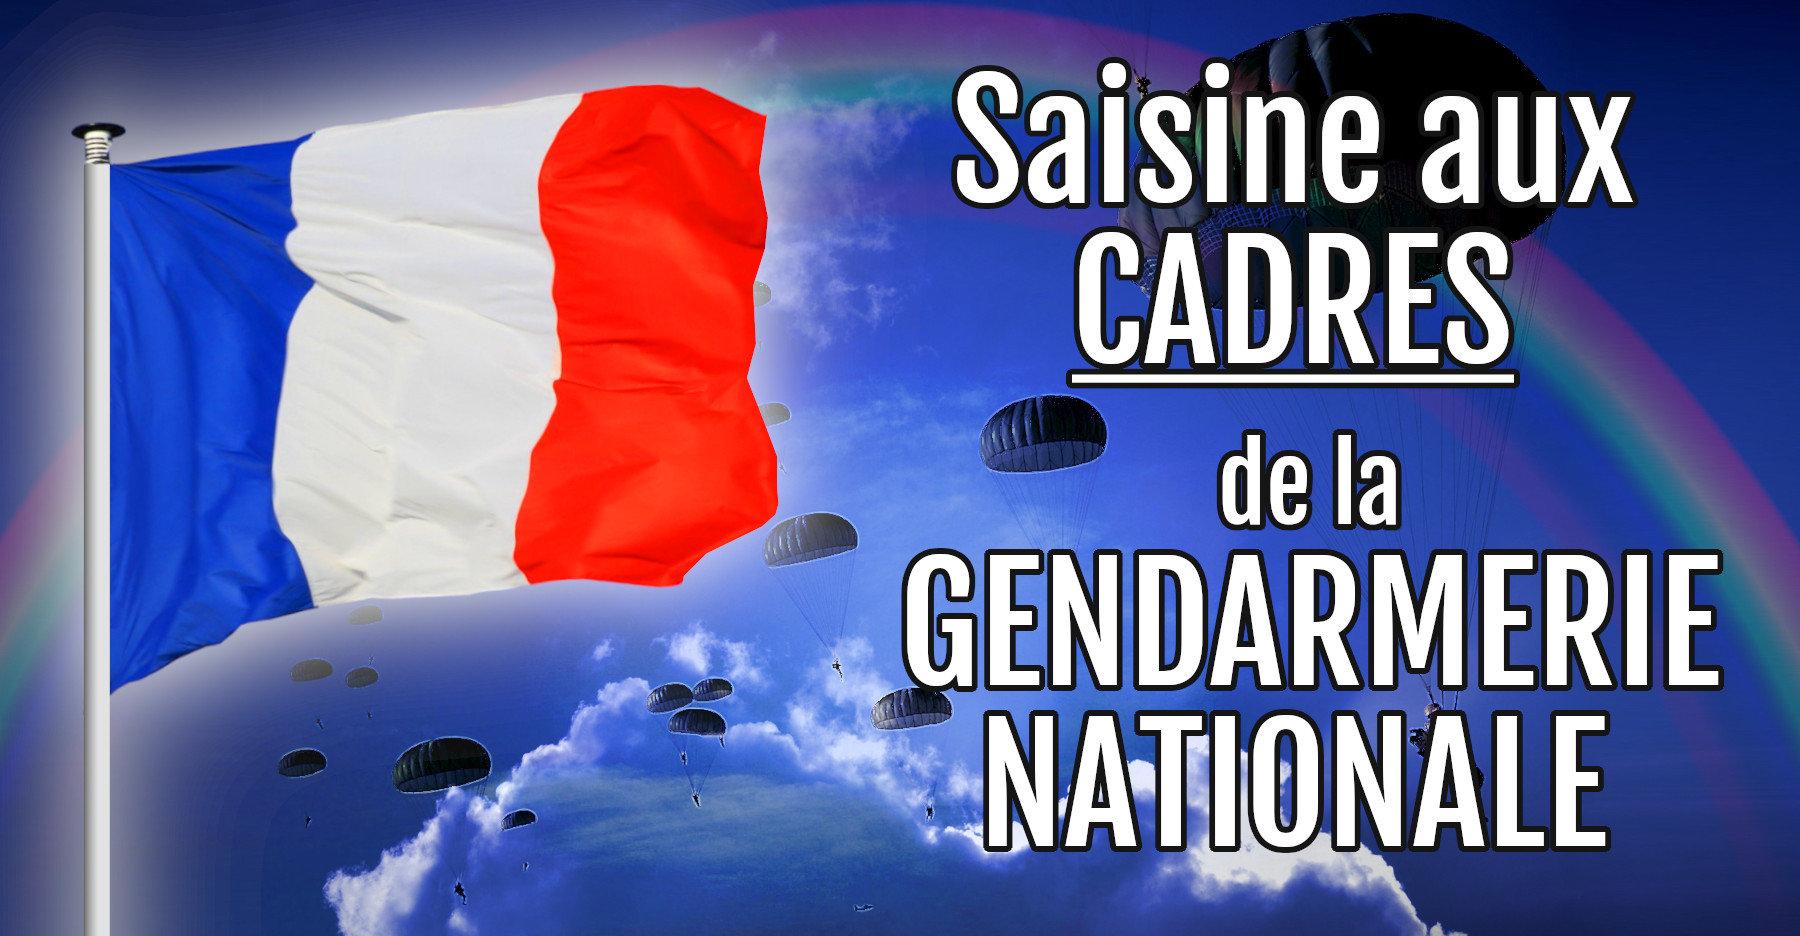 Message De Saisine Aux Cadres De La Gendarmerie Nationale